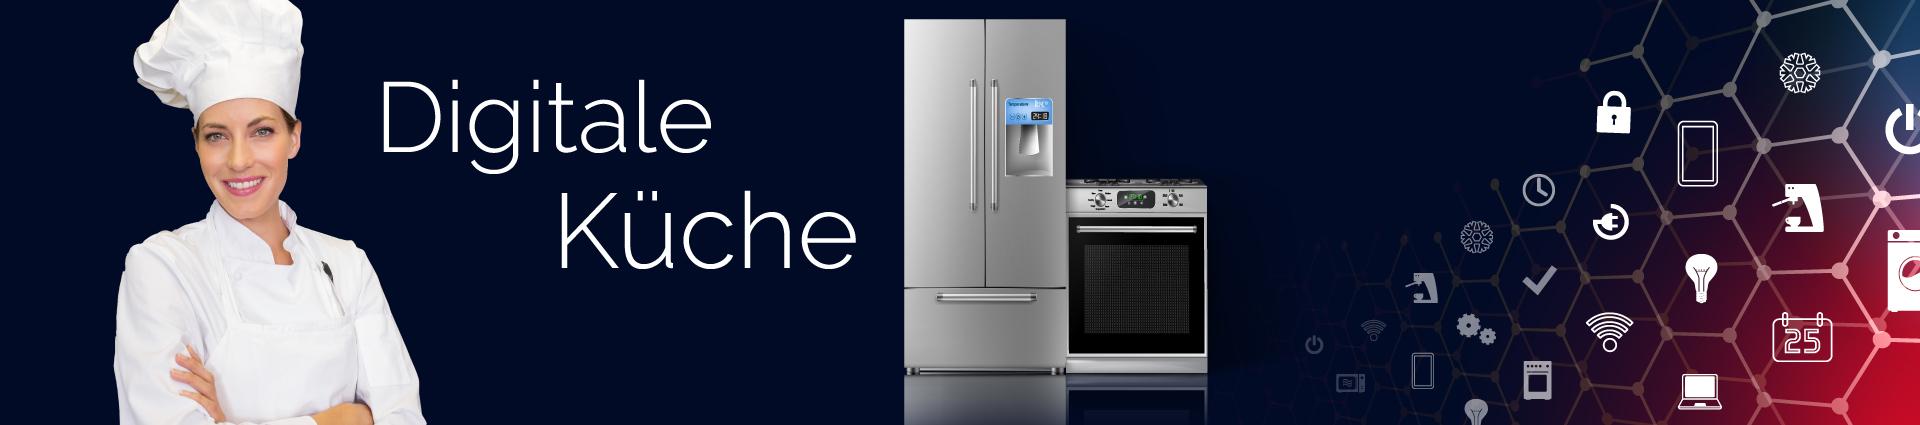 Startseite zur digitalen Küche